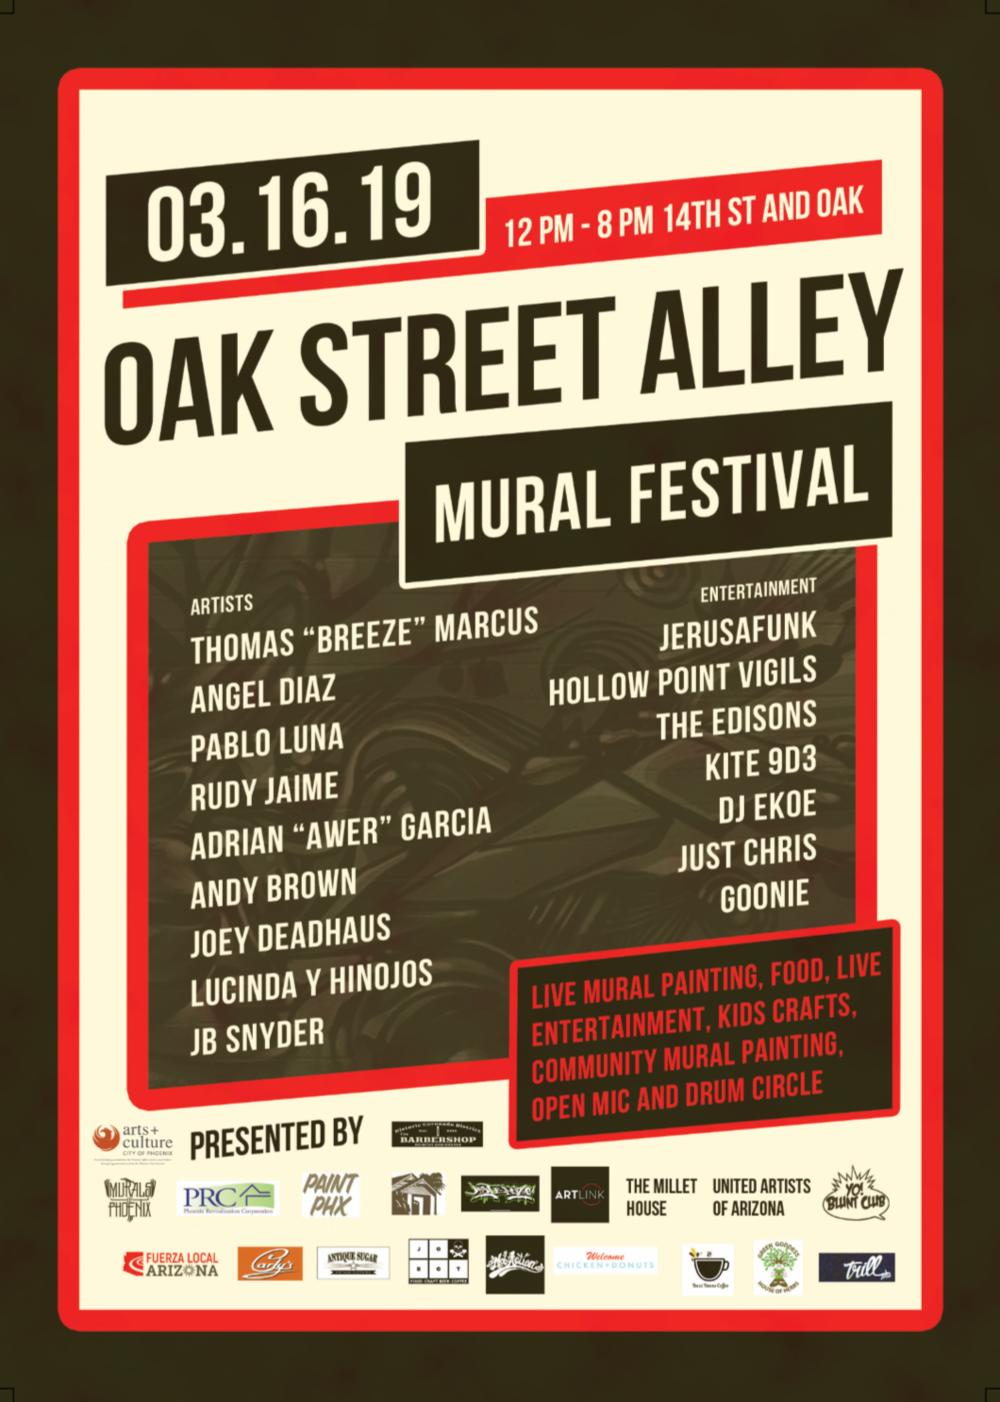 Oak Street Alley Mural Festival